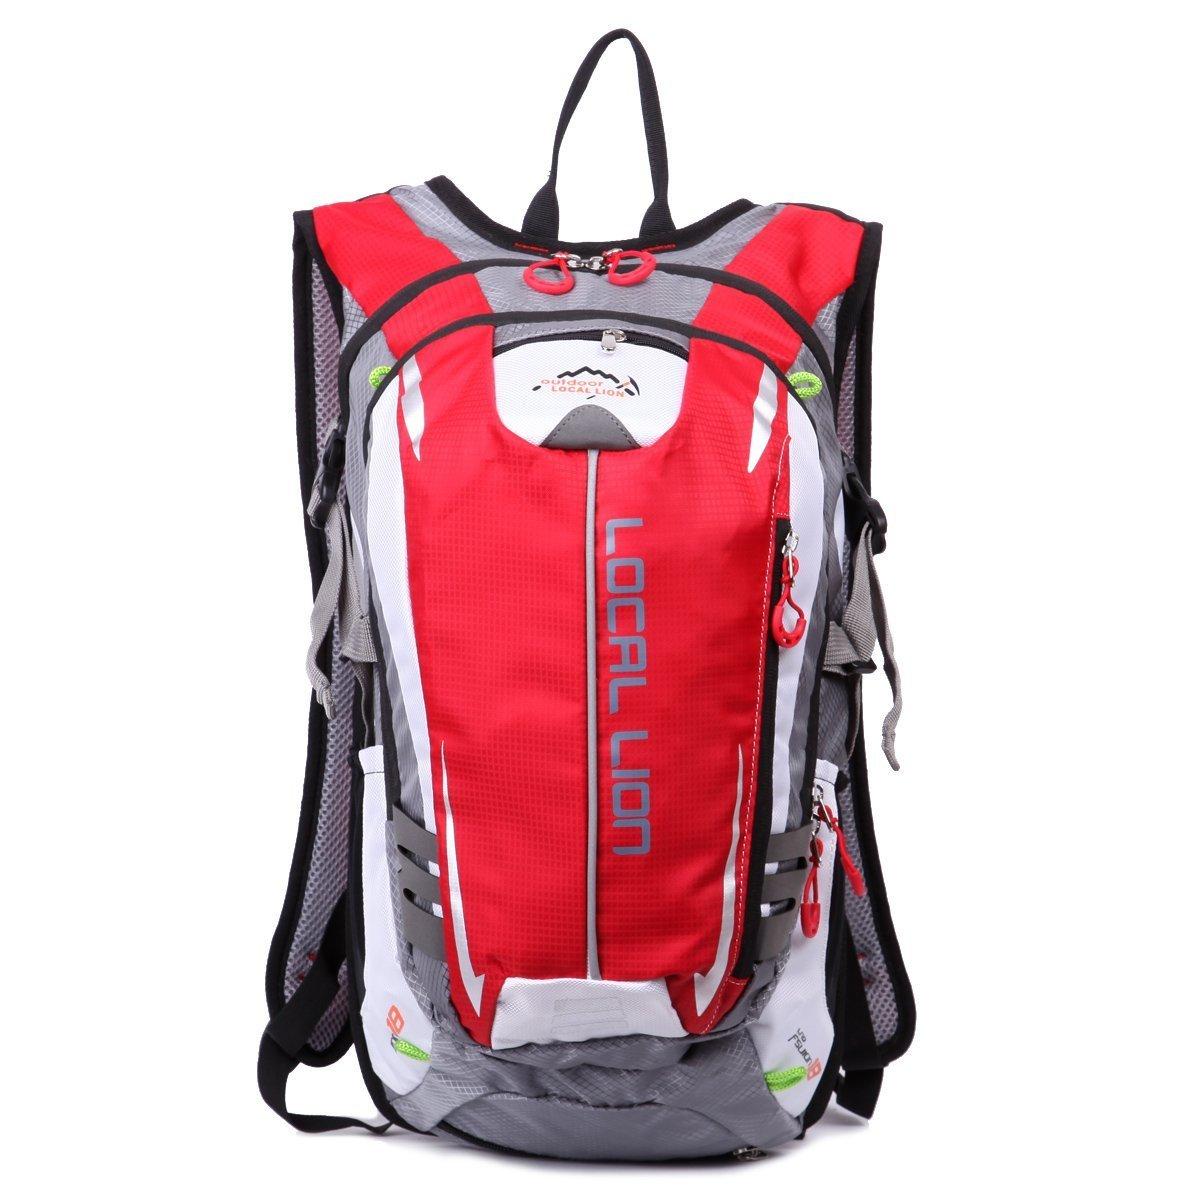 Trekking oder Fahrradrucksack - Wasserdicht - Amazon mit Prime